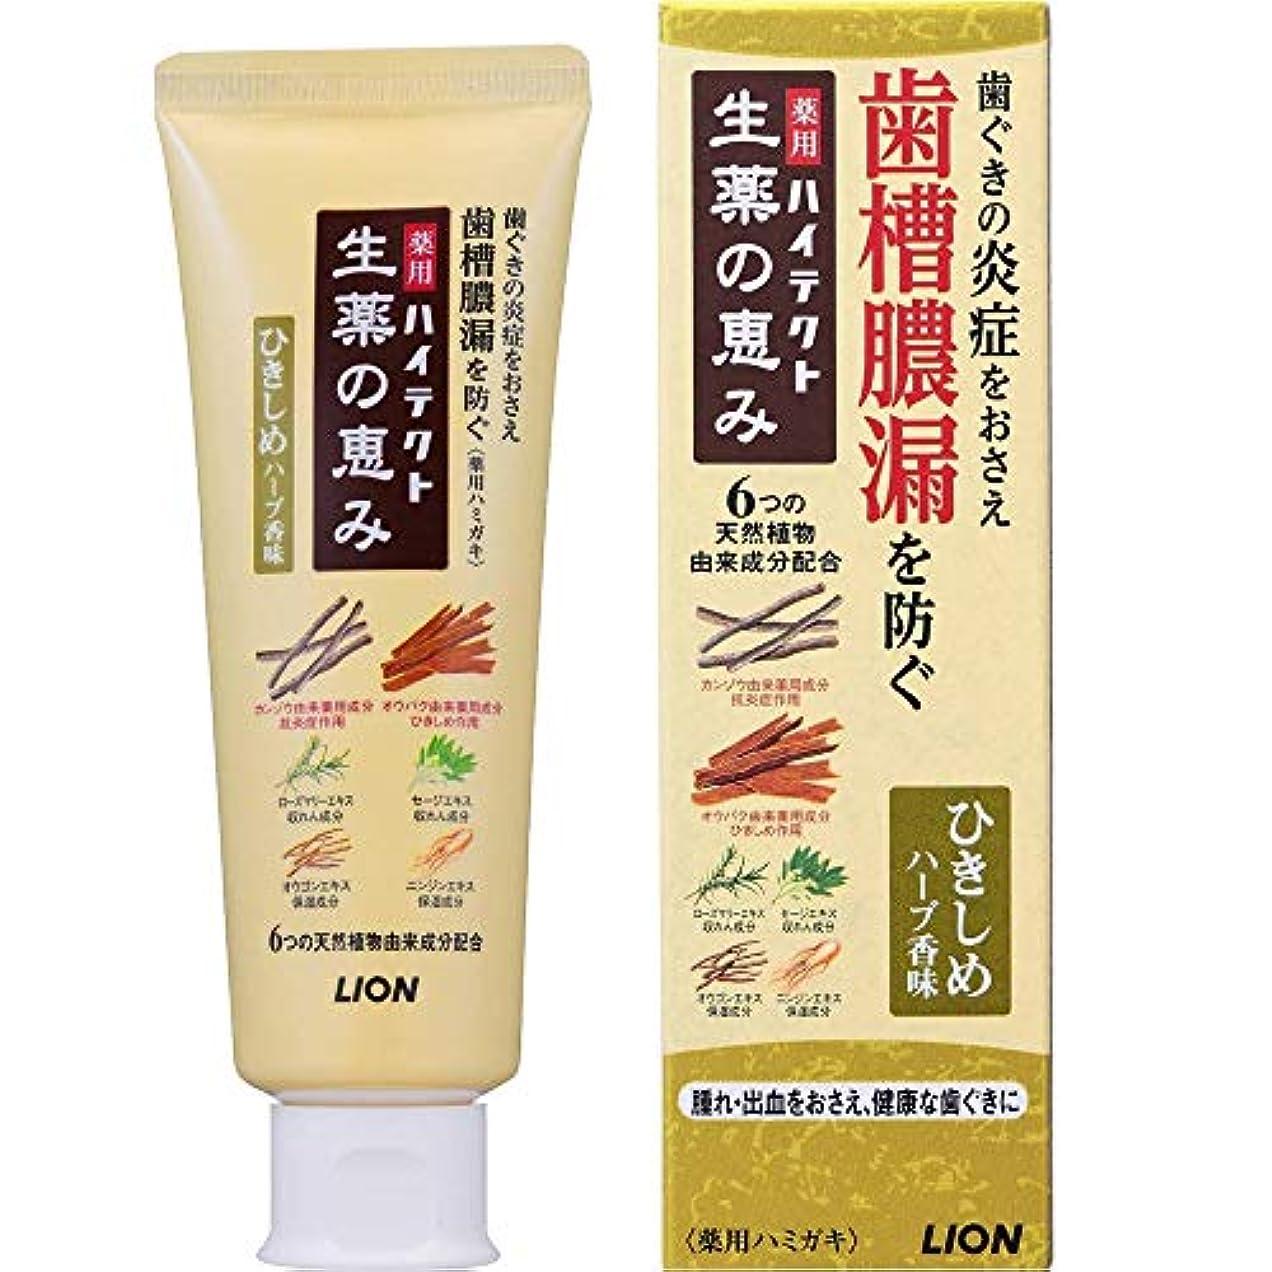 フレアジャンピングジャック高潔な薬用ハイテクト生薬の恵み ひきしめハーブ香味 90g (医薬部外品)